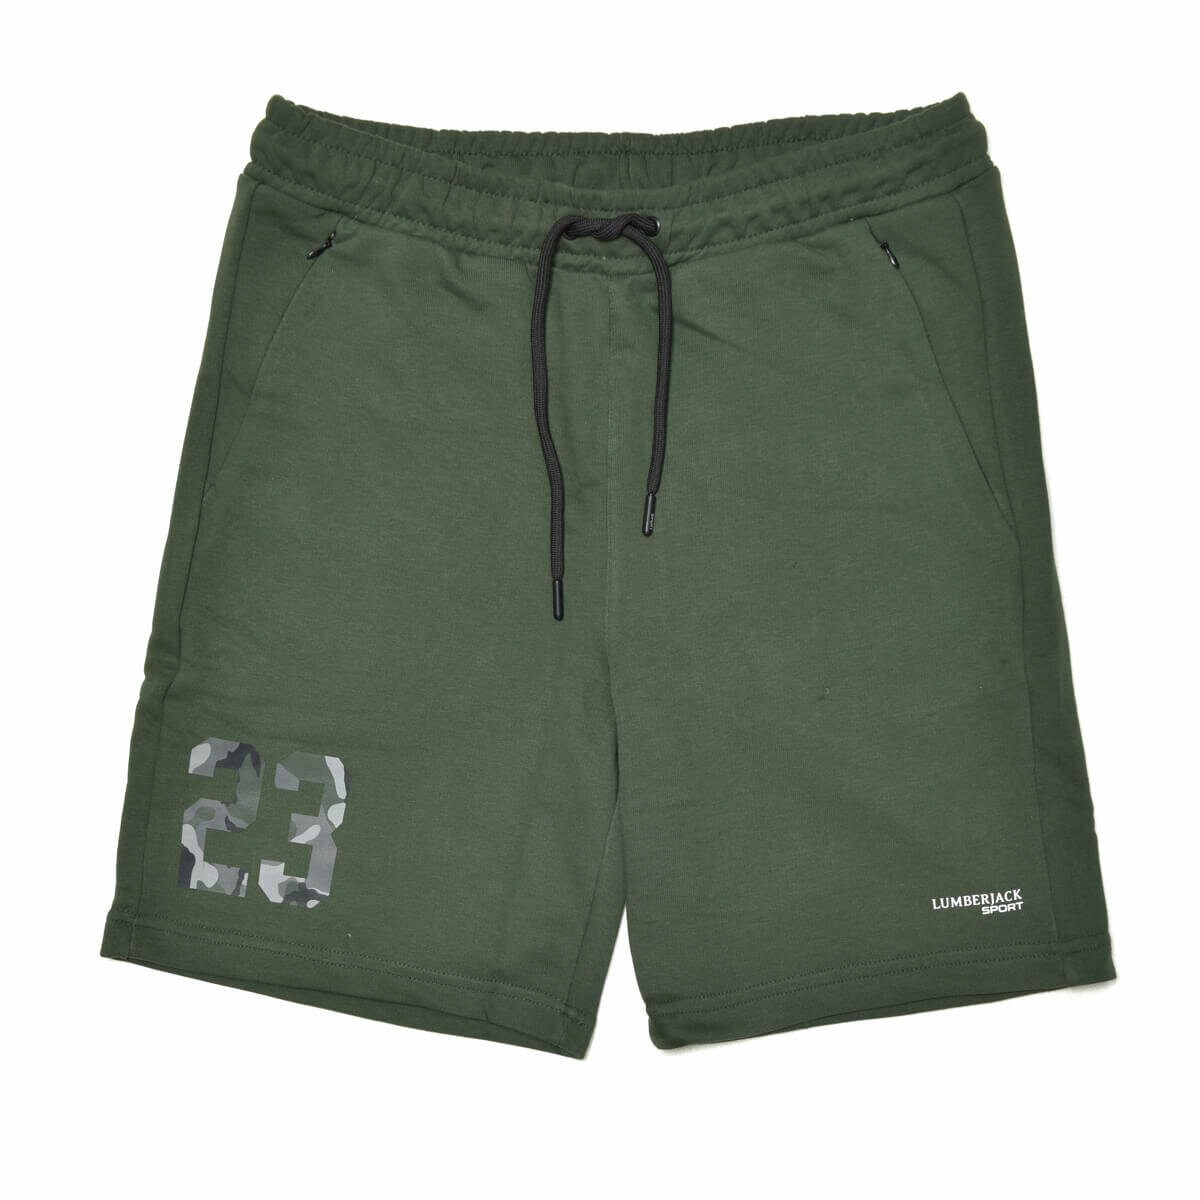 FLO Men's Summer Shorts Khaki Male Shorts LUMBERJACK BLACK SHORT